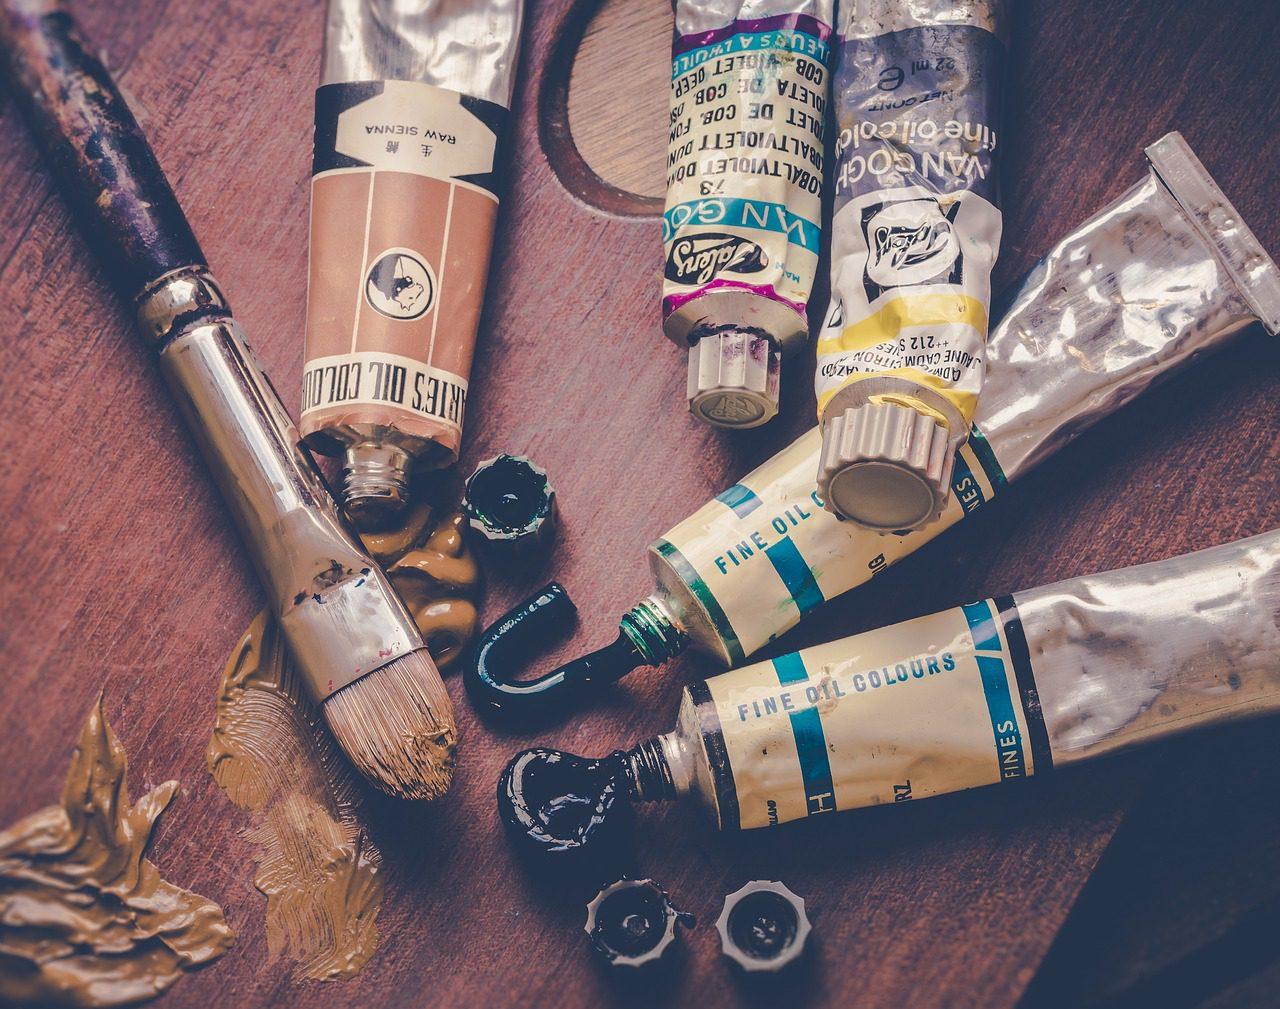 Együtt a CORONA ellen – fejezd ki érzéseidet a művészet segítségével